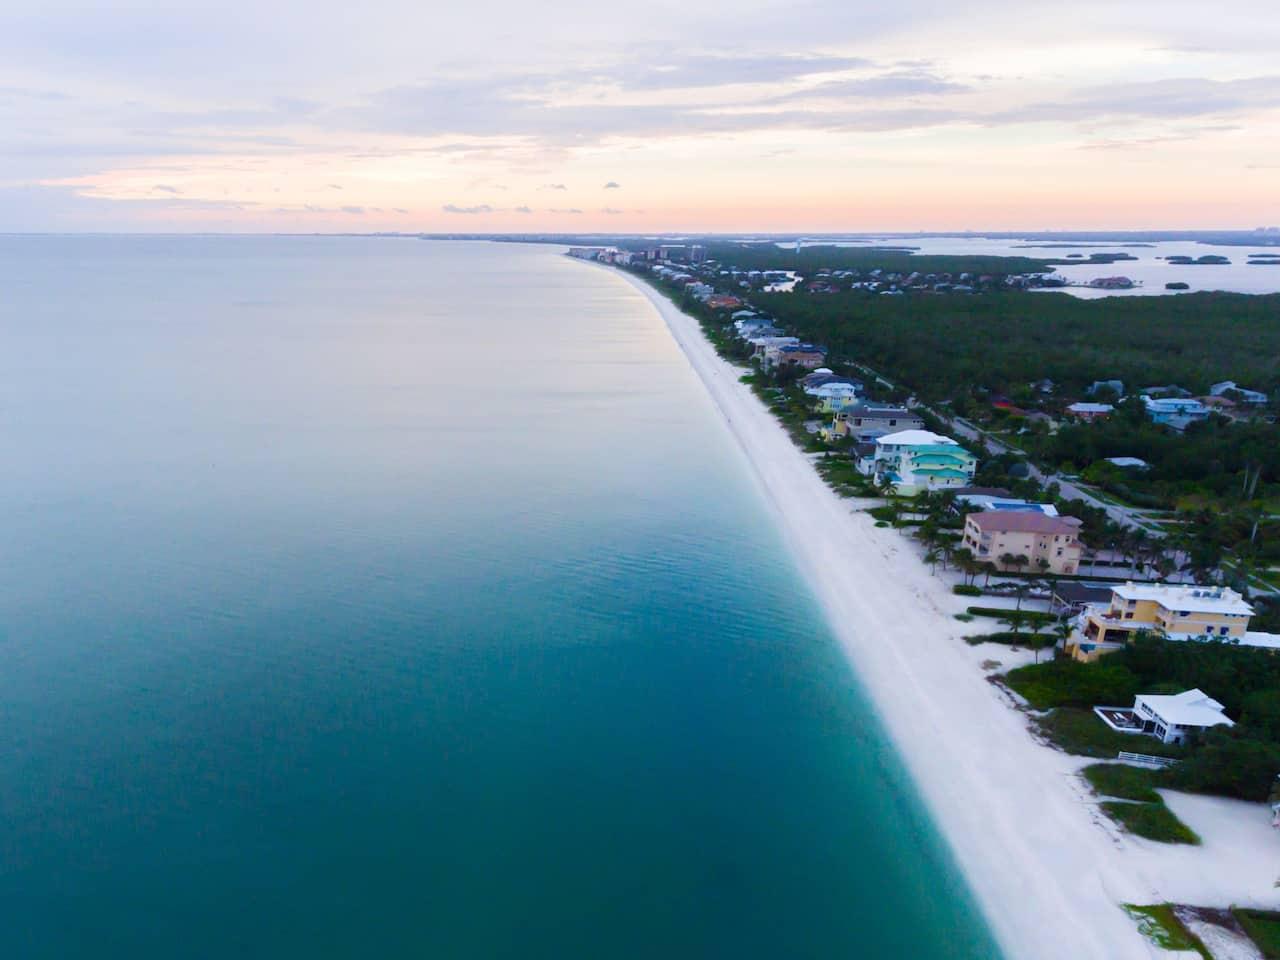 Beach View Aerial